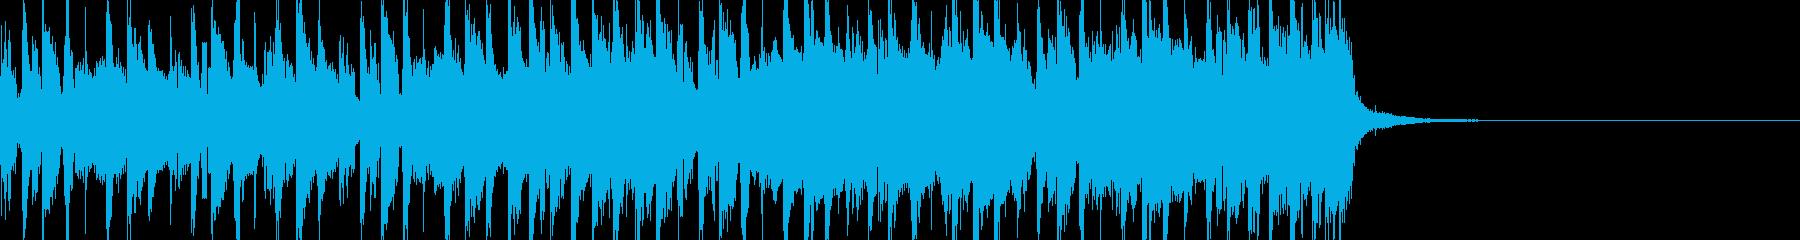 CM映像:近未来的アンビエント15secの再生済みの波形